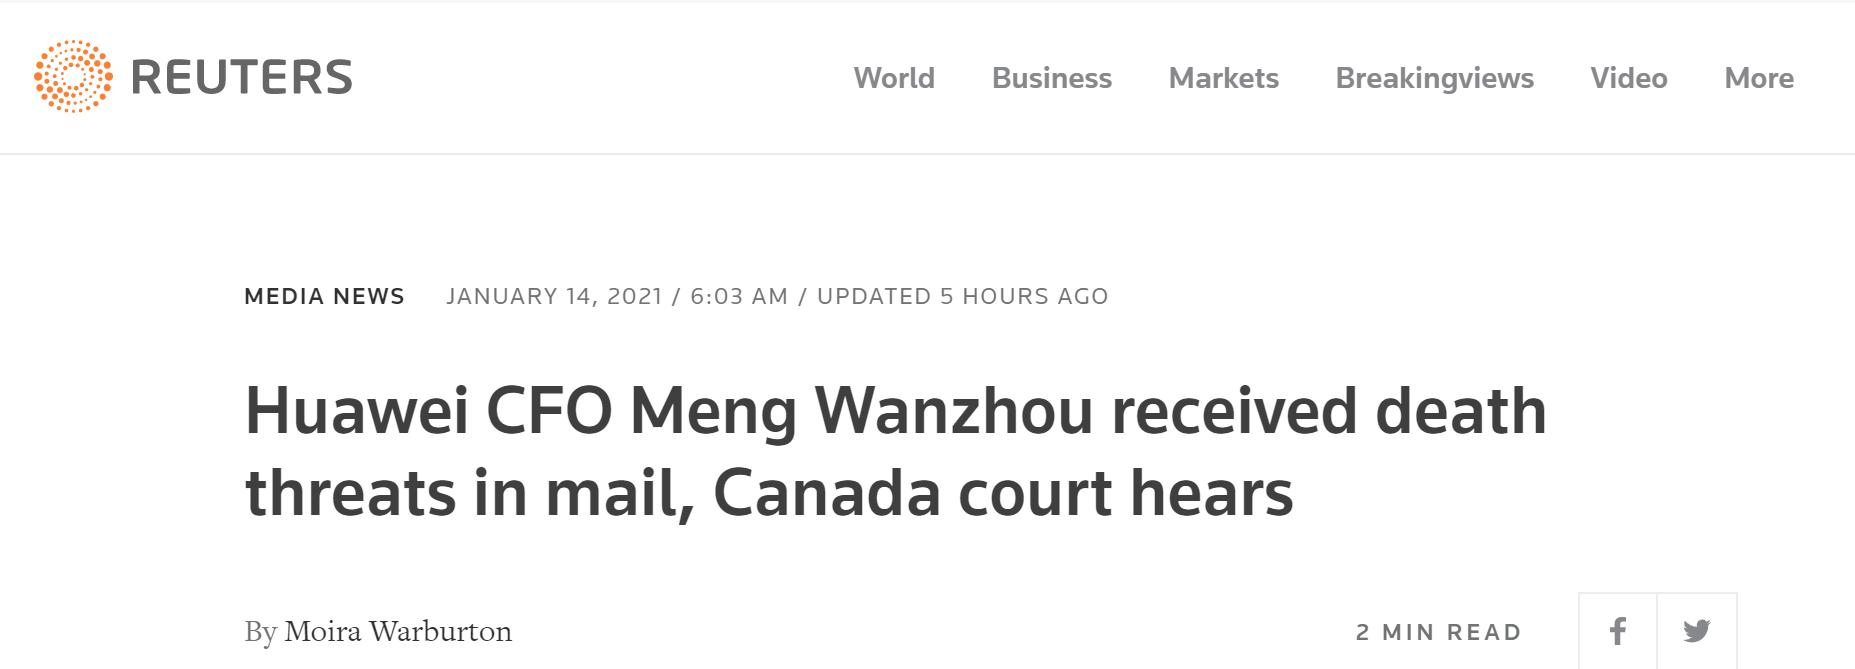 """【上海吸奶】_外媒:庭审曝光孟晚舟在温哥华多次收到死亡威胁,""""信件中有子弹"""""""